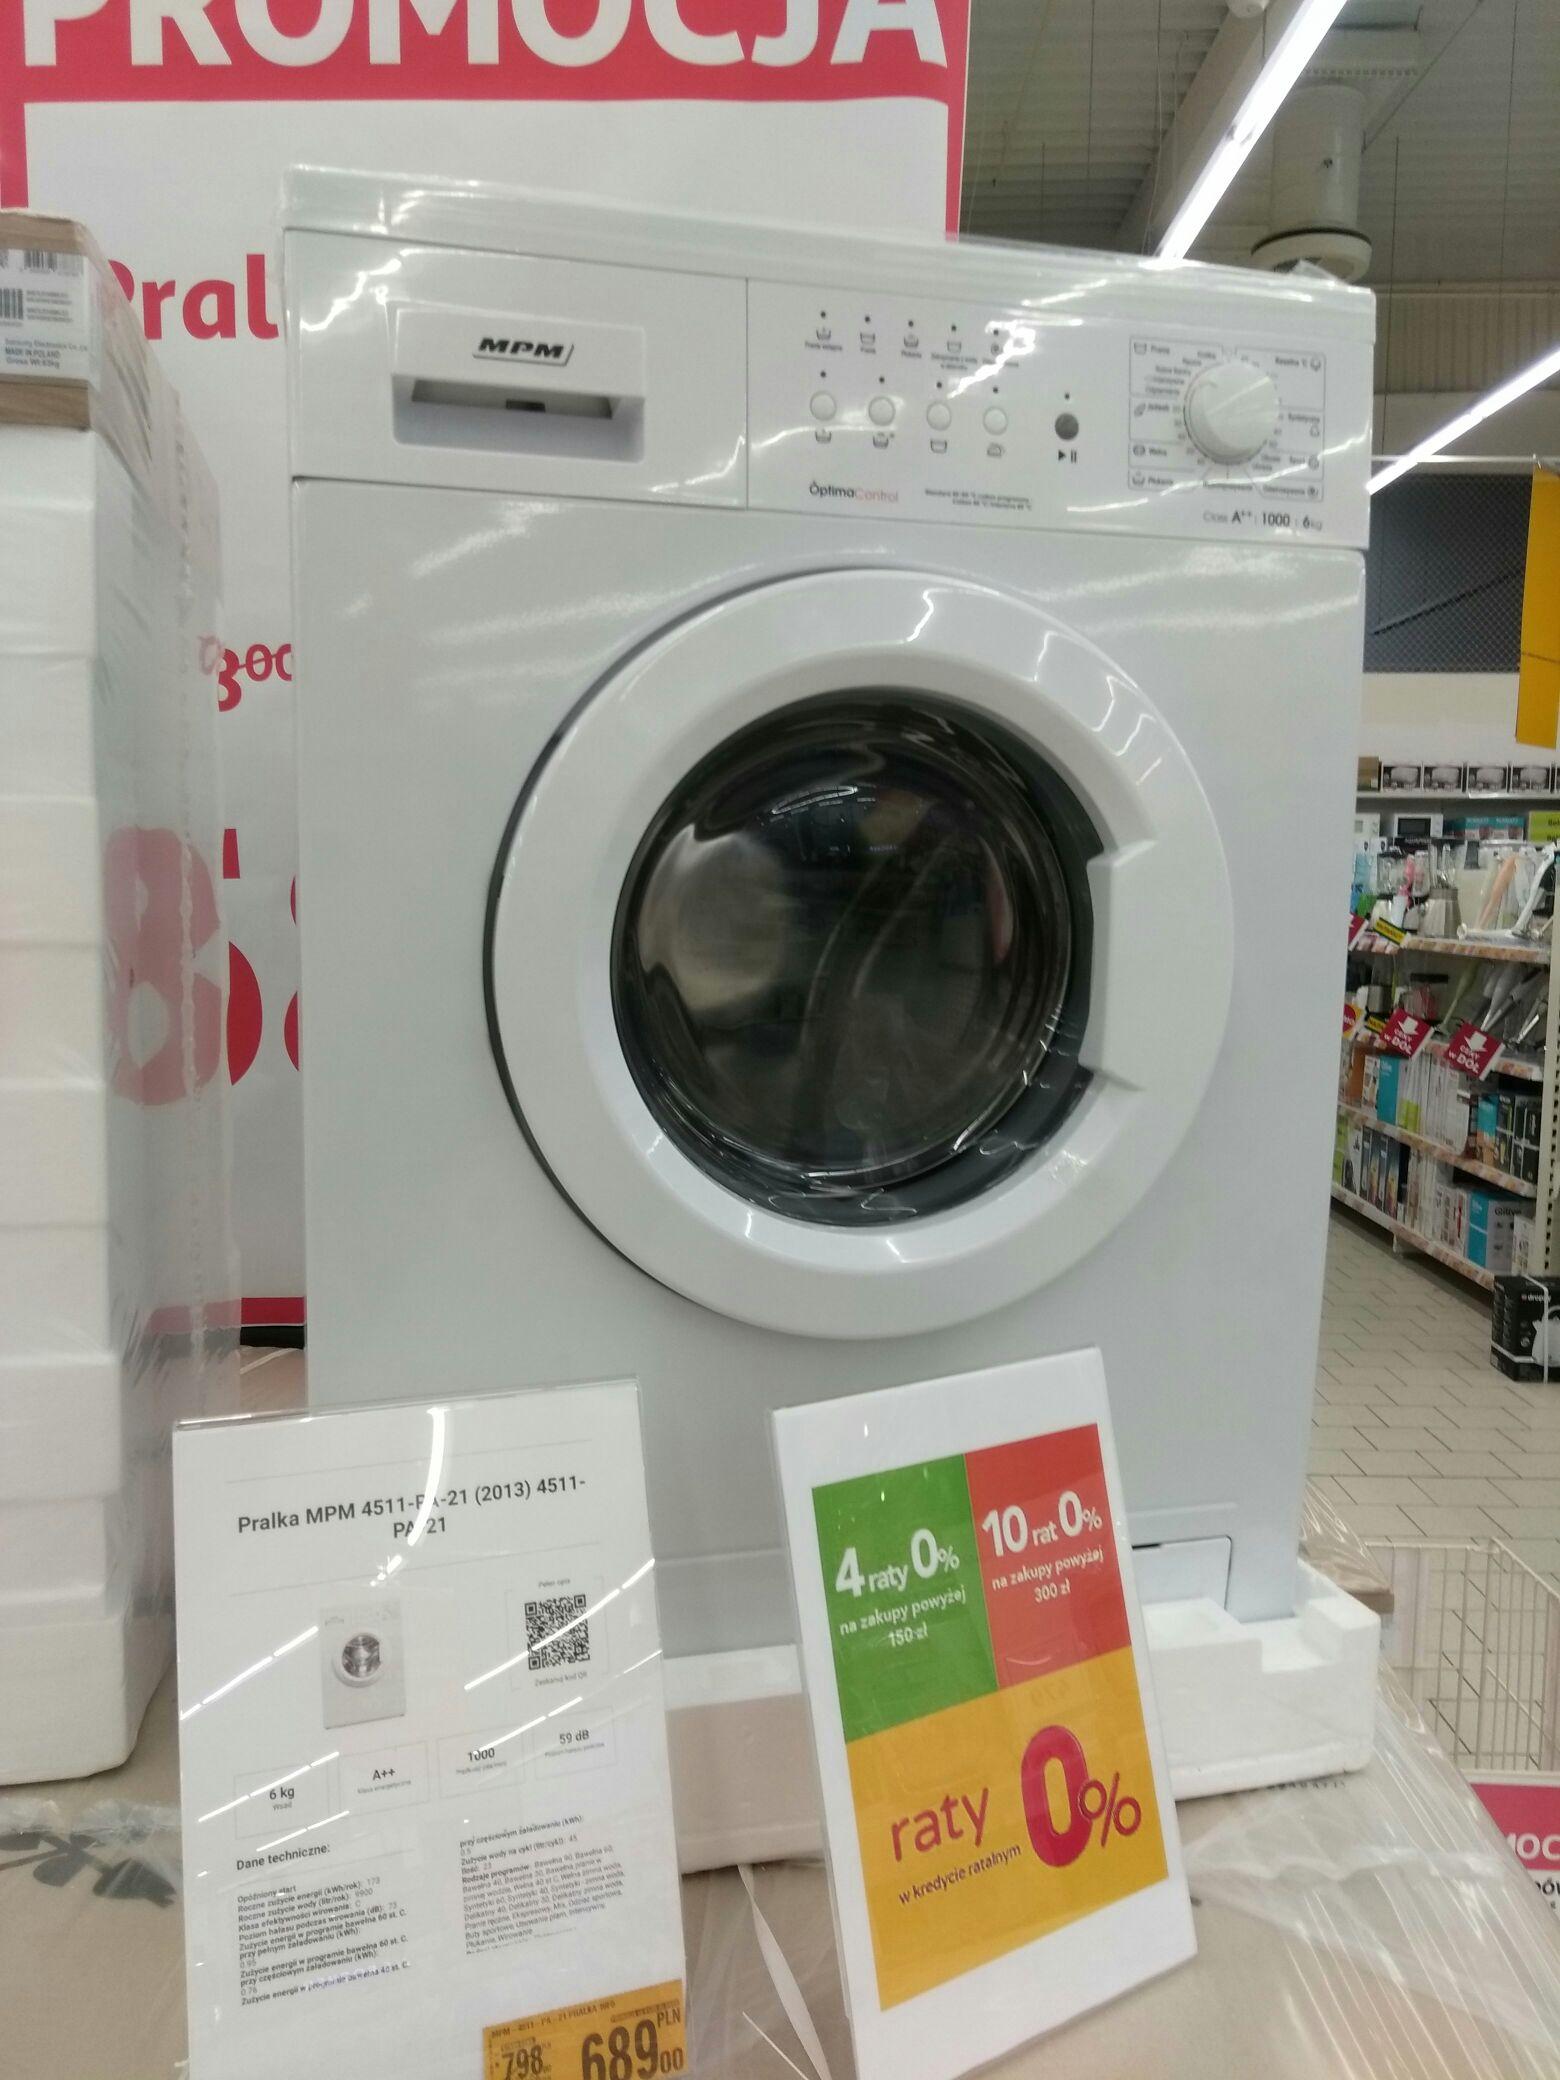 Pralka MPM 4511-PA-21 @ Auchan (Łódź)